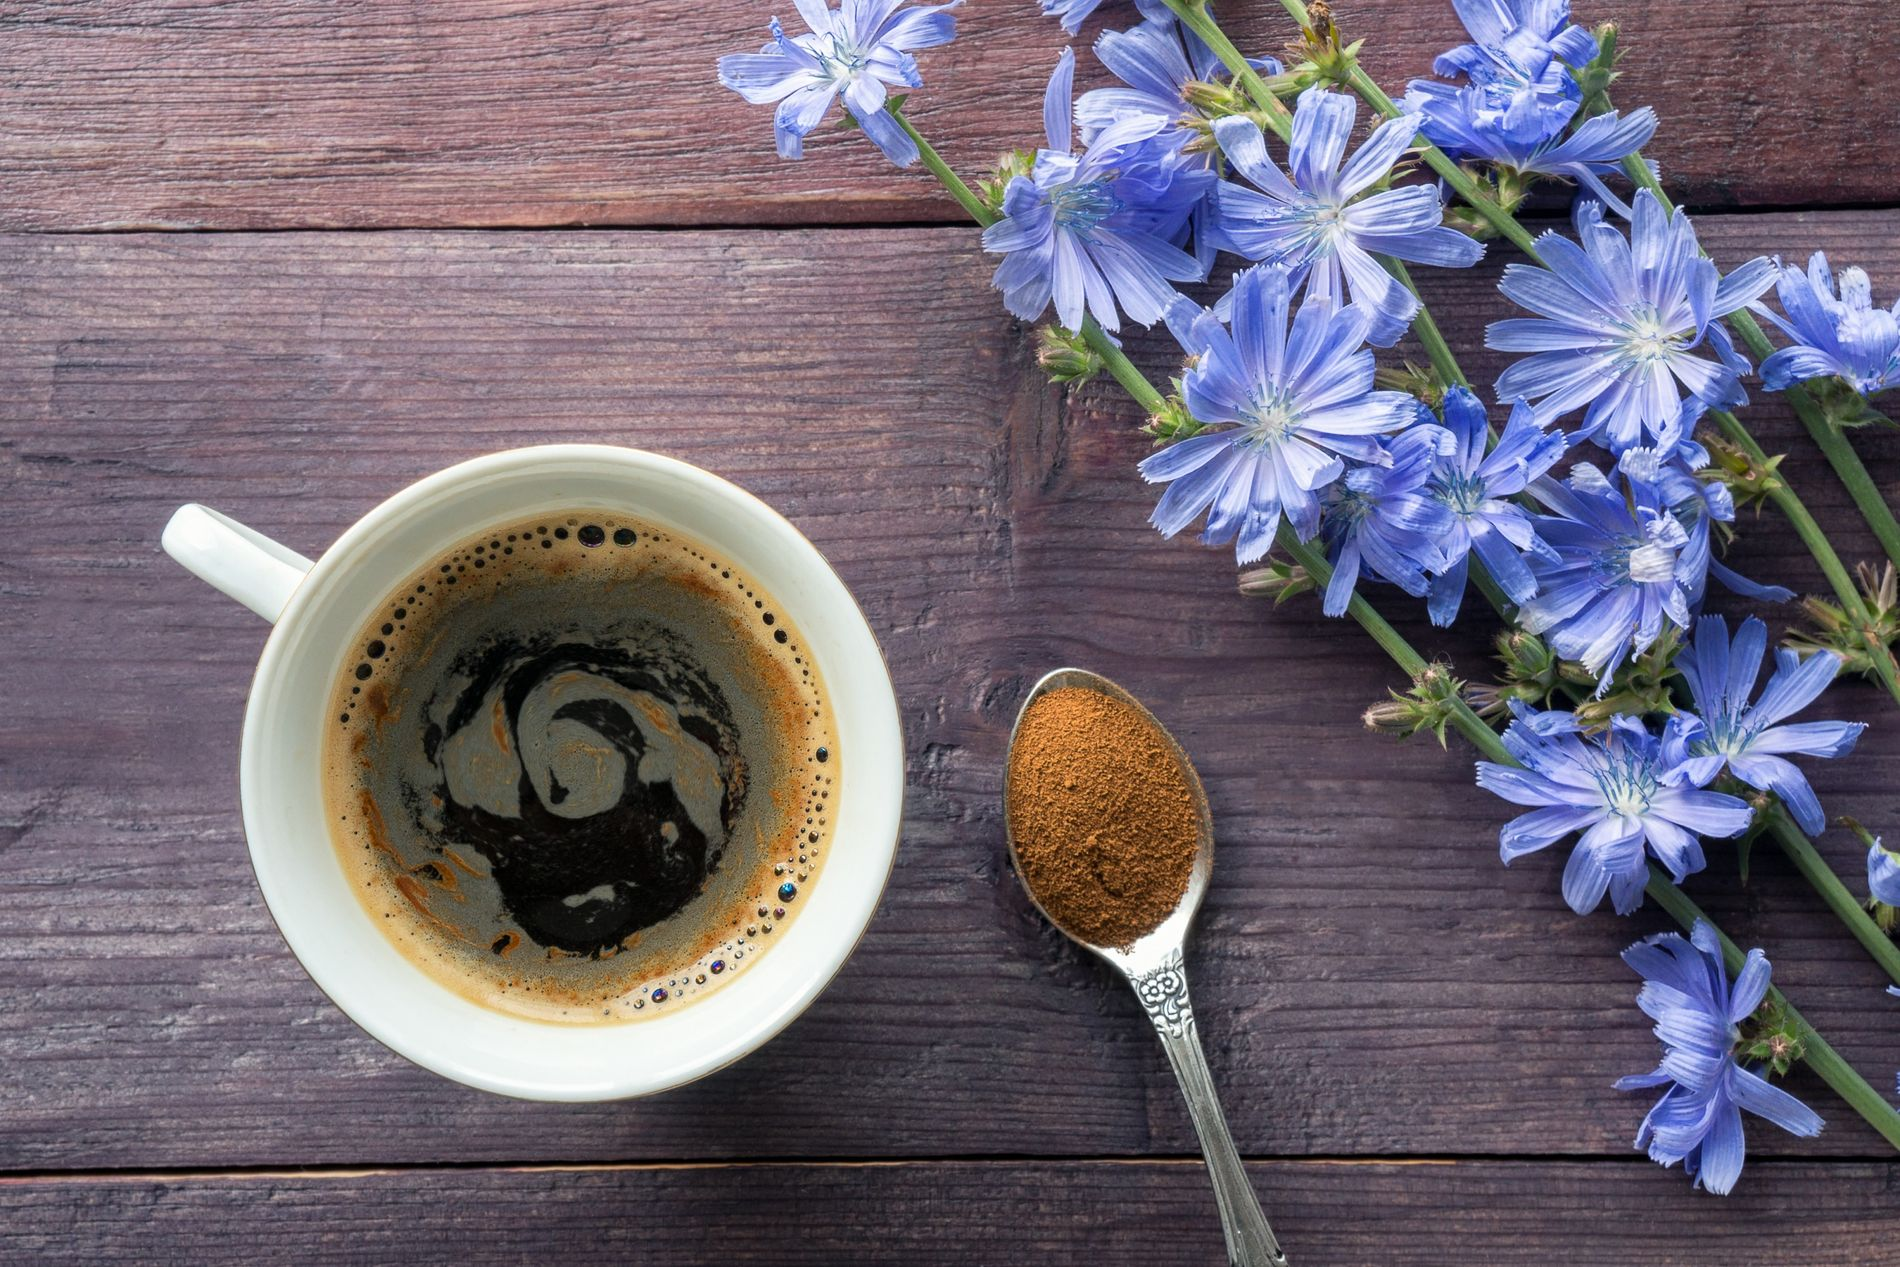 Zichorie Blüten Kaffee